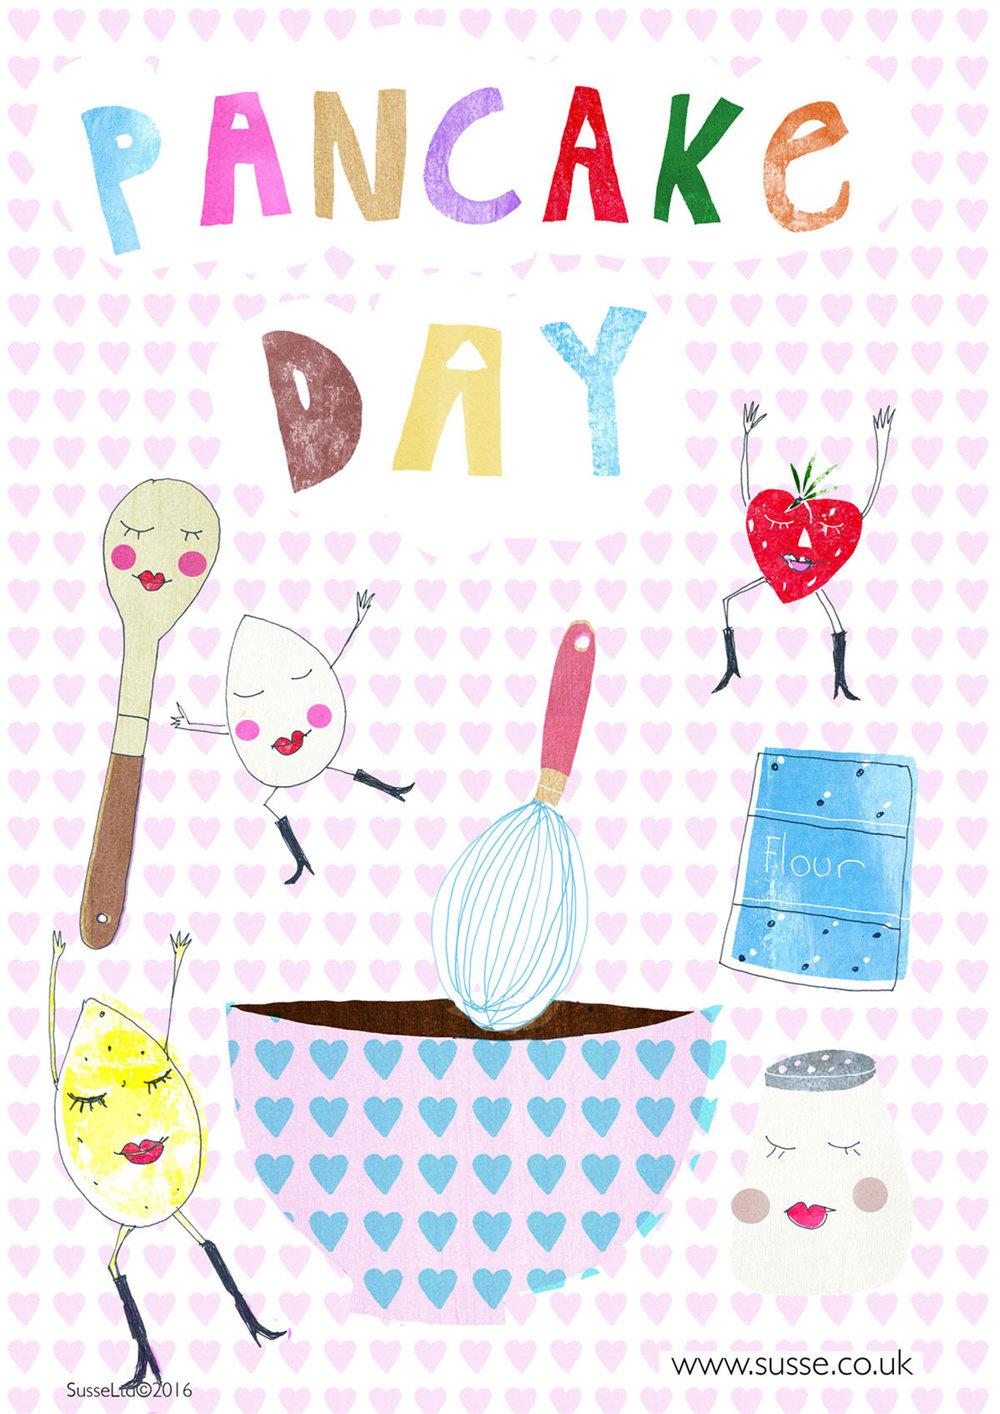 Yeah Pancake Day